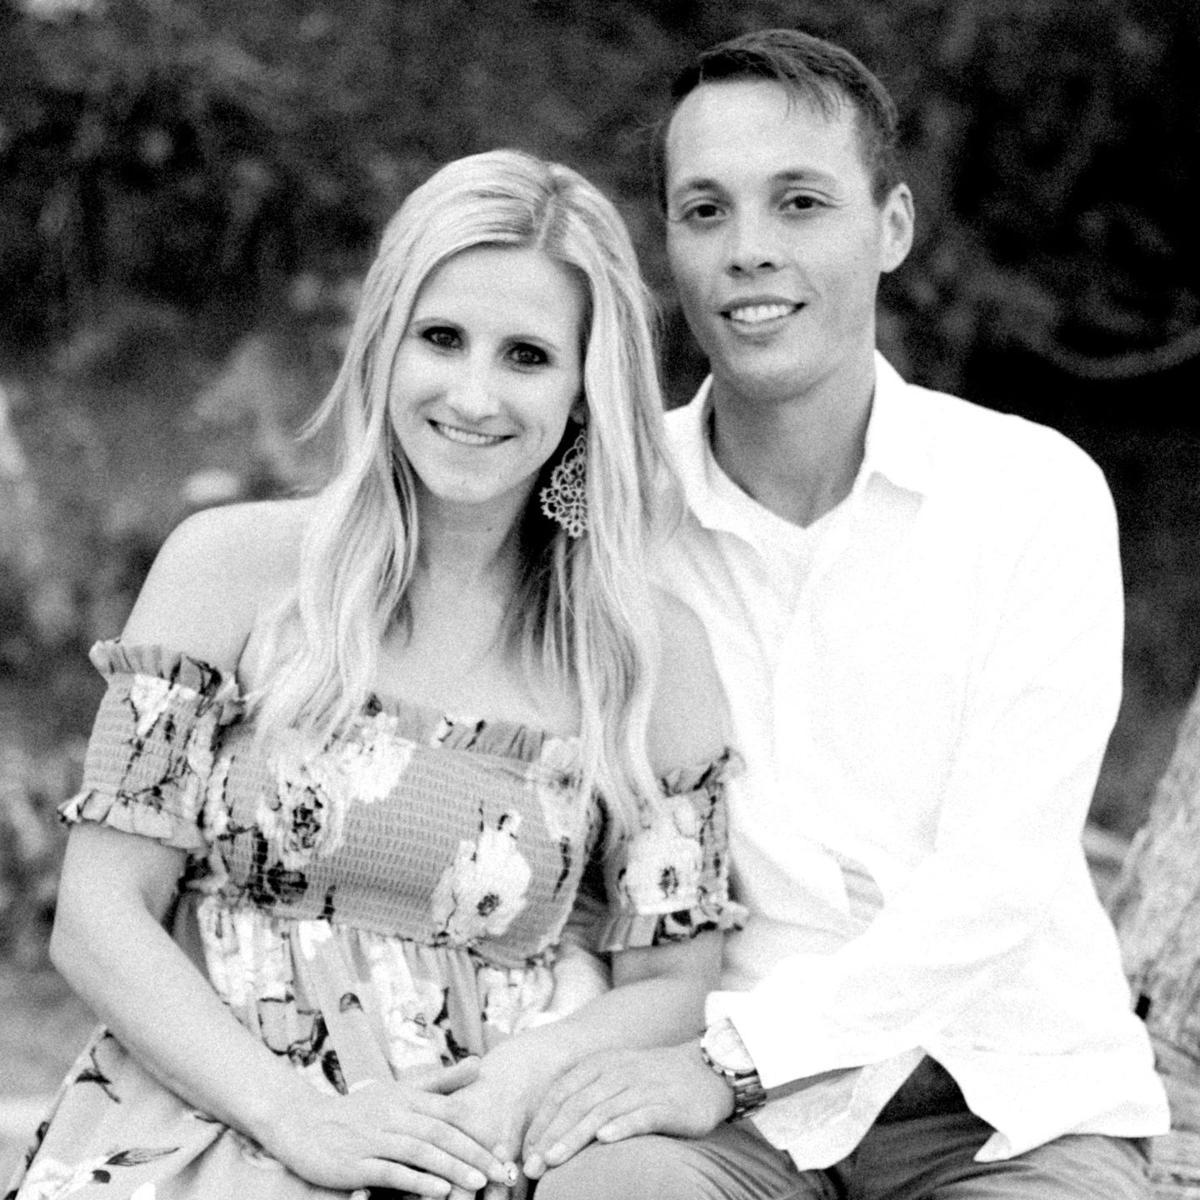 Elizabeth Resch and Scott Thompson